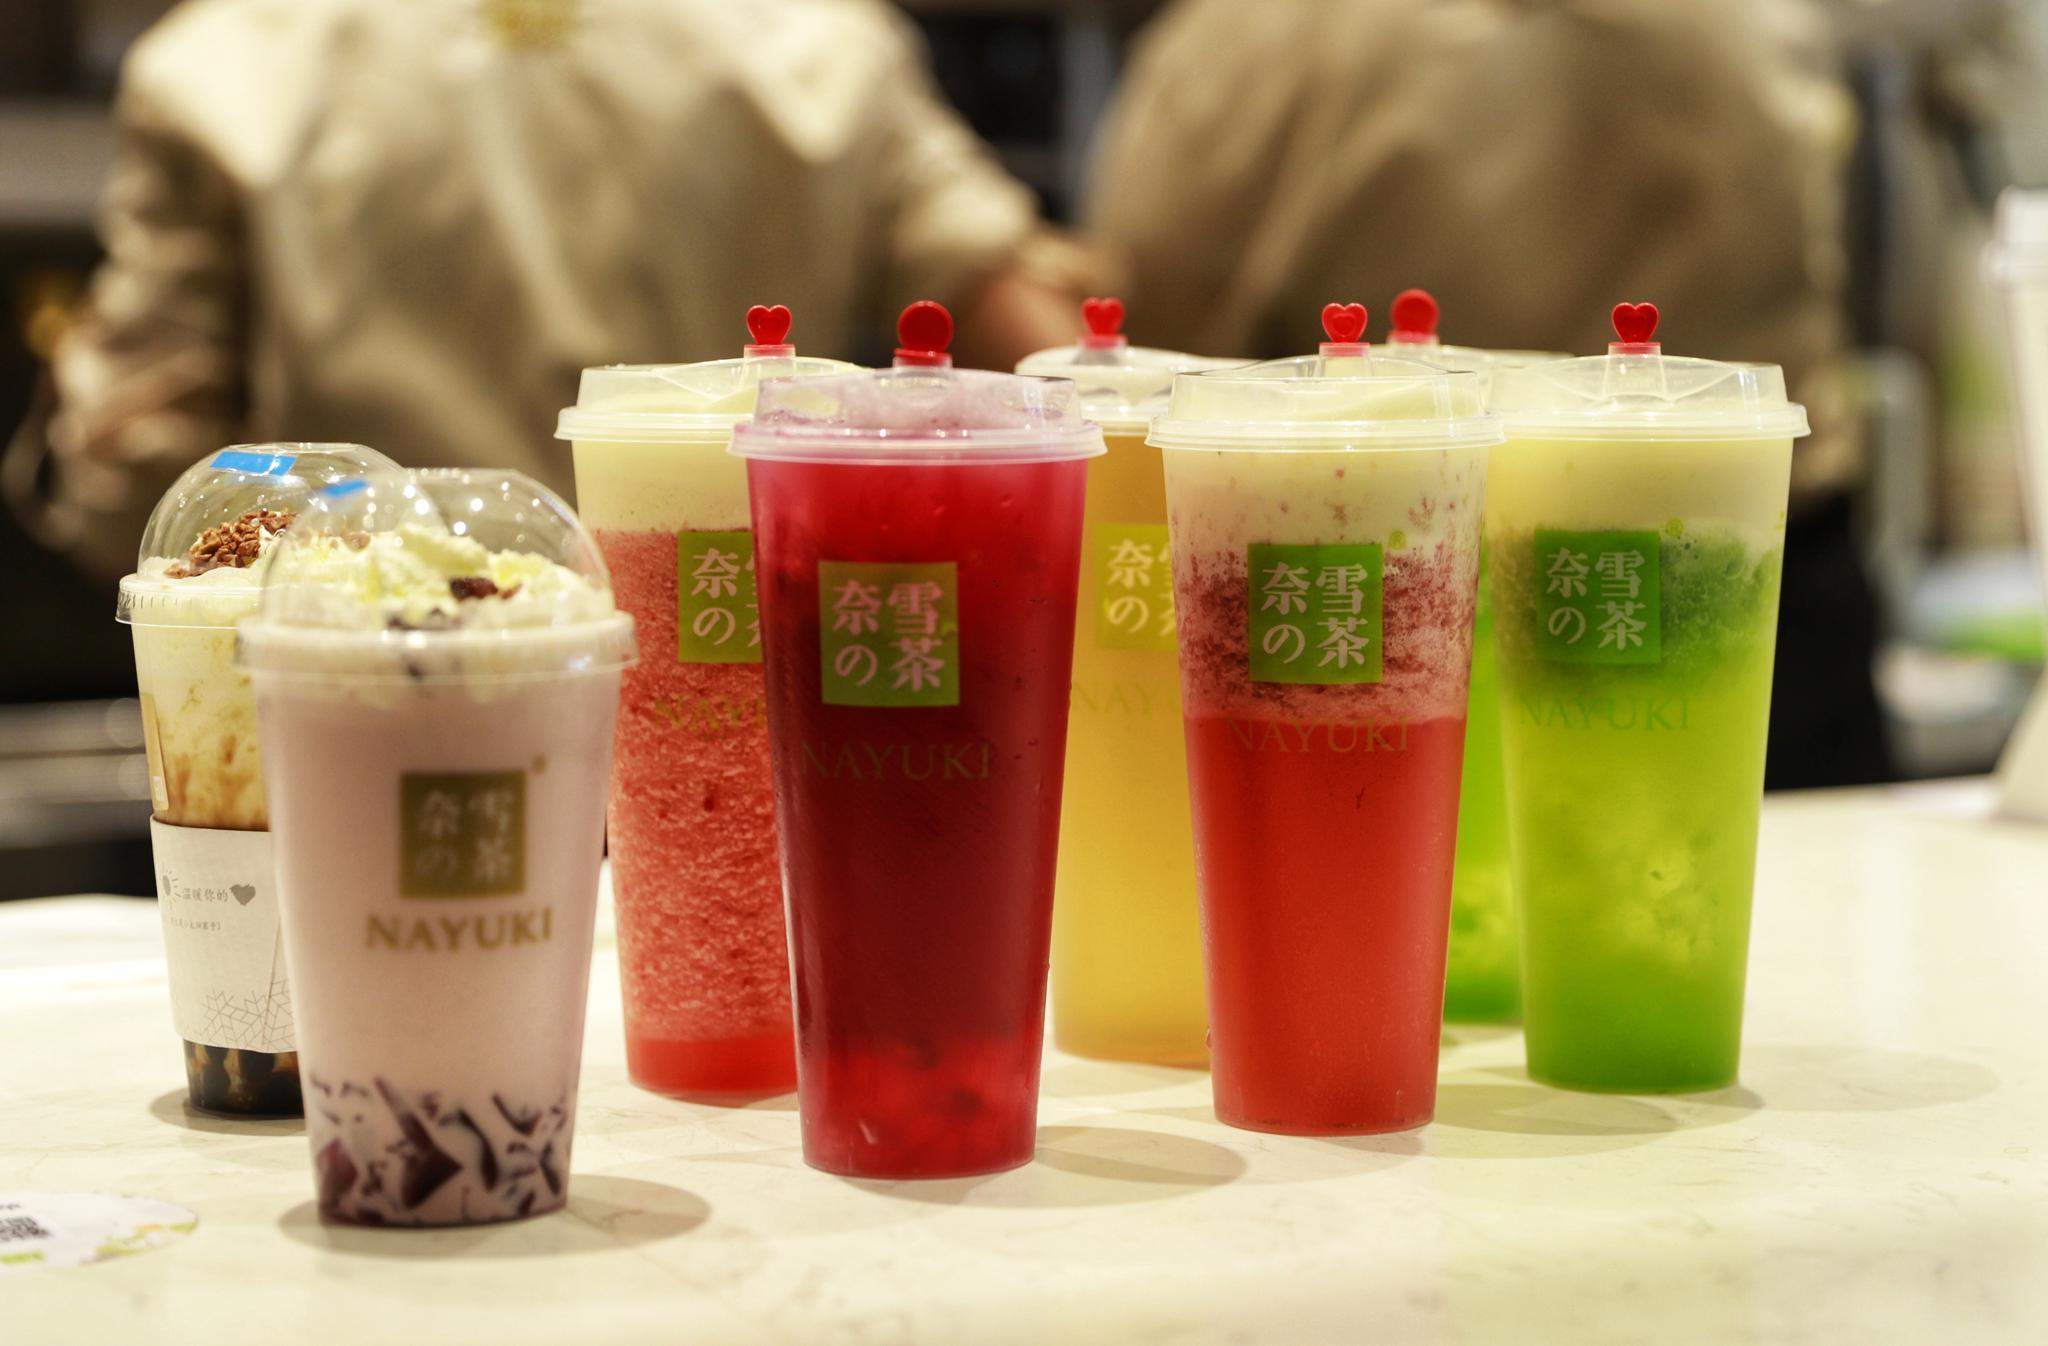 冬天的第一杯奶茶,奈雪邀你一起品鉴。首创爆款水果奶茶